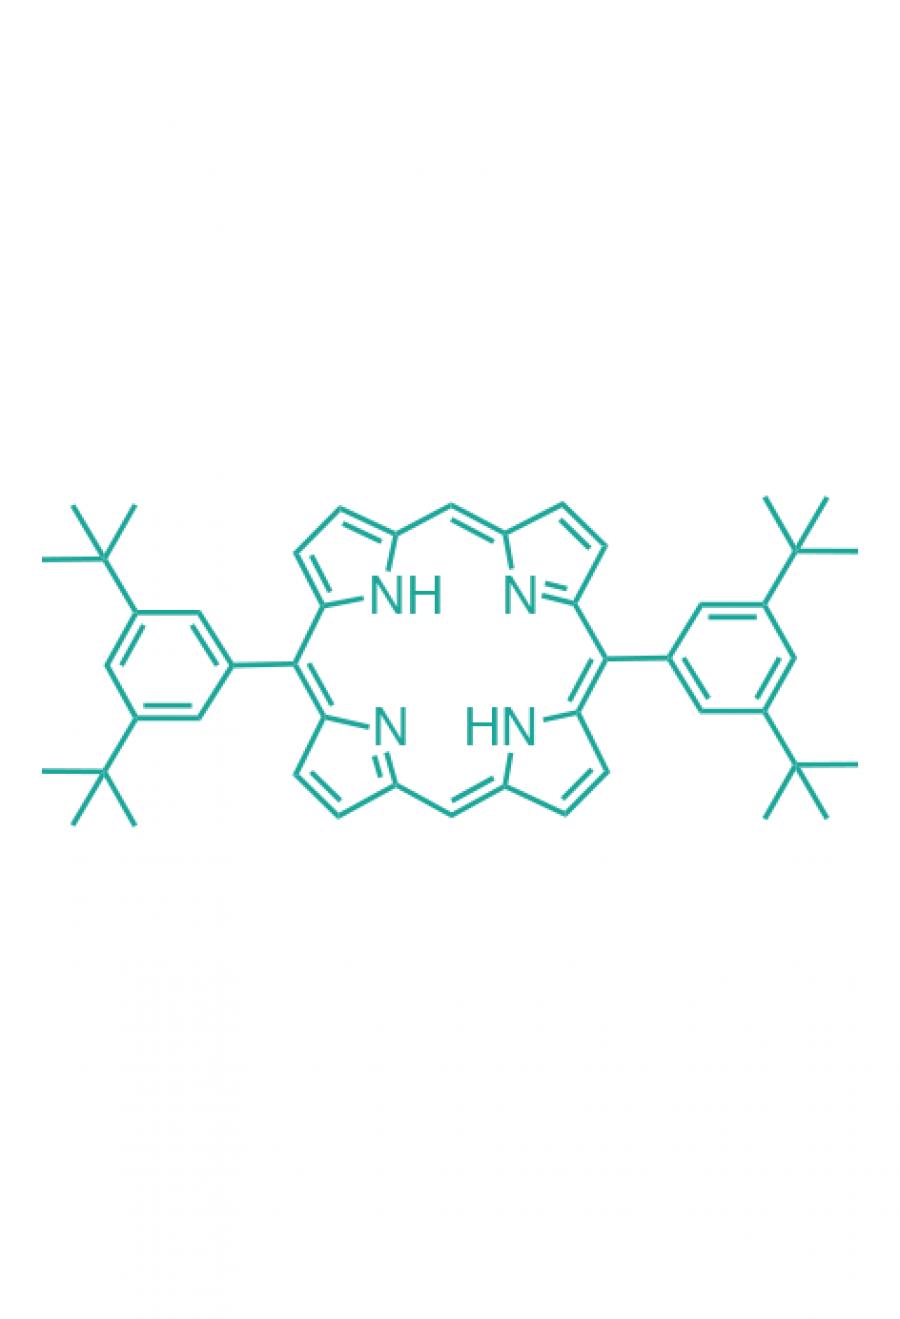 5,15-(di-3,5-di-tert-butylphenyl)porphyrin